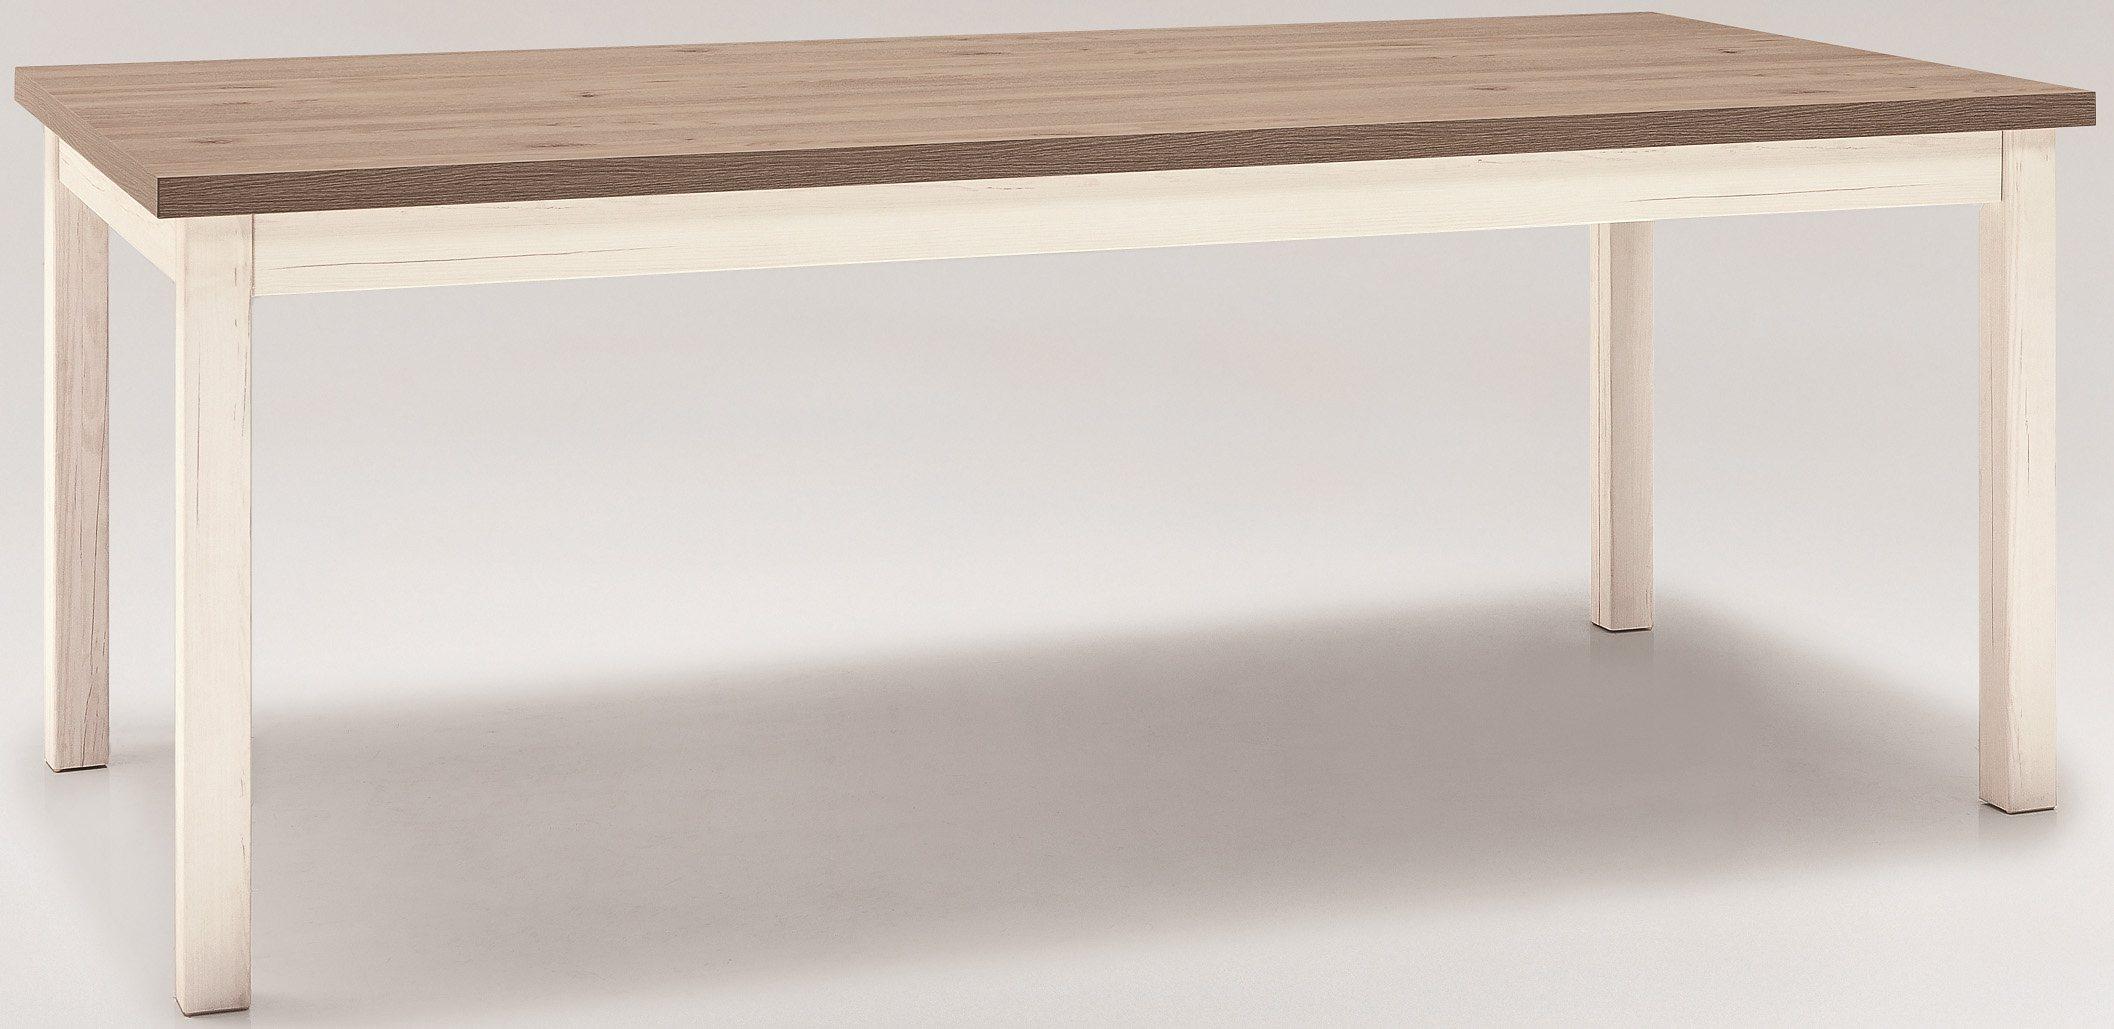 sand-nachbildung Esstische online kaufen | Möbel-Suchmaschine ...